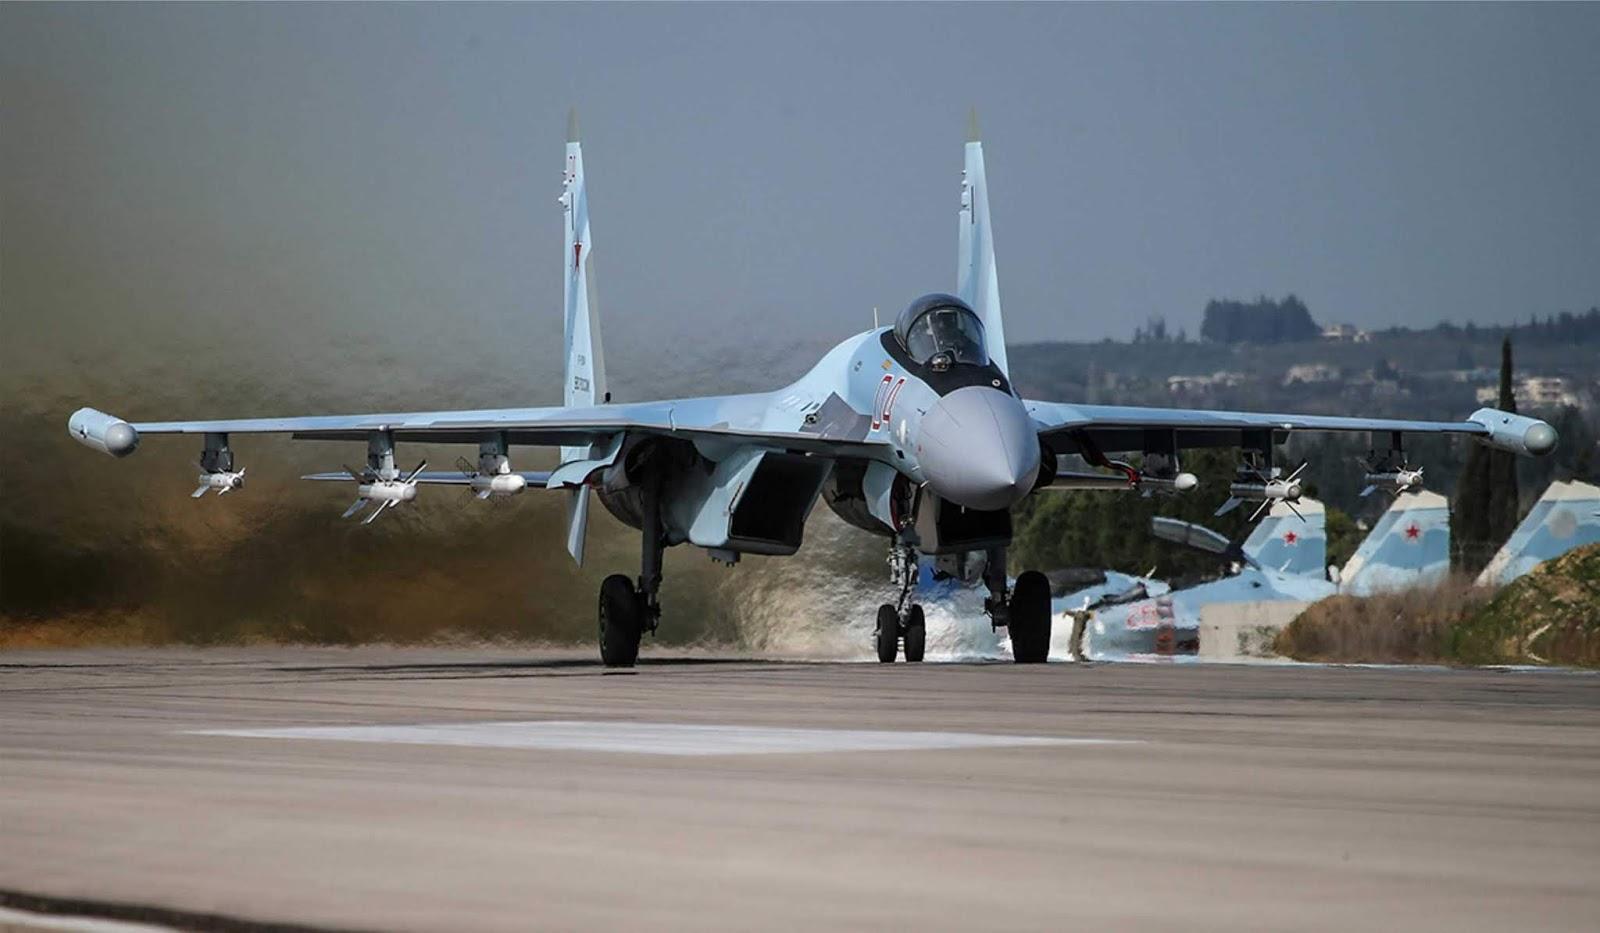 Pembelian pesawat tempur Su-35 Indonesia tertunda karena kemungkinan sanksi AS